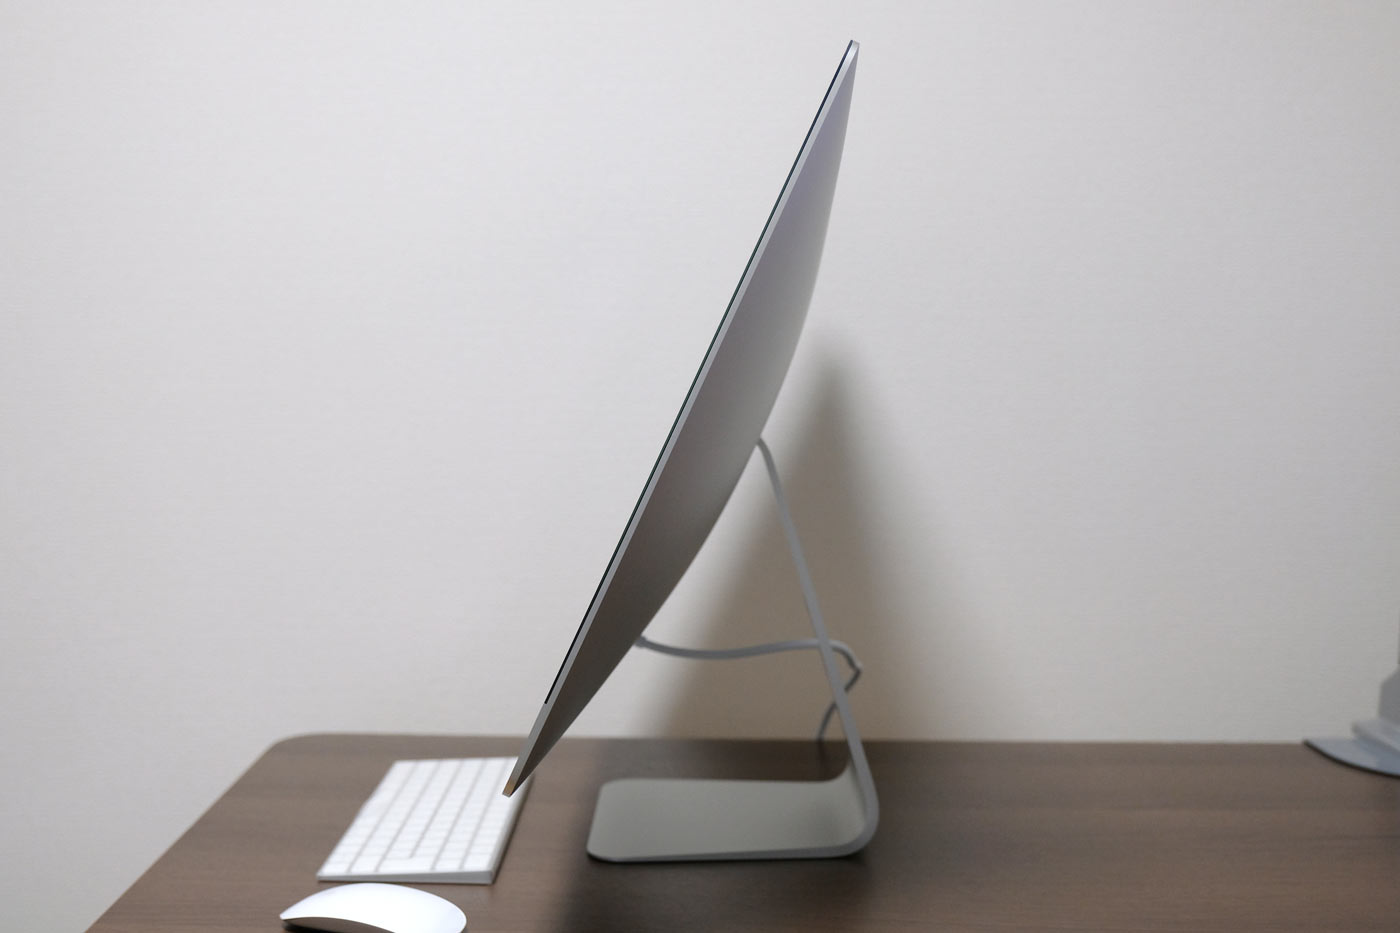 27インチiMac 5K 角度上